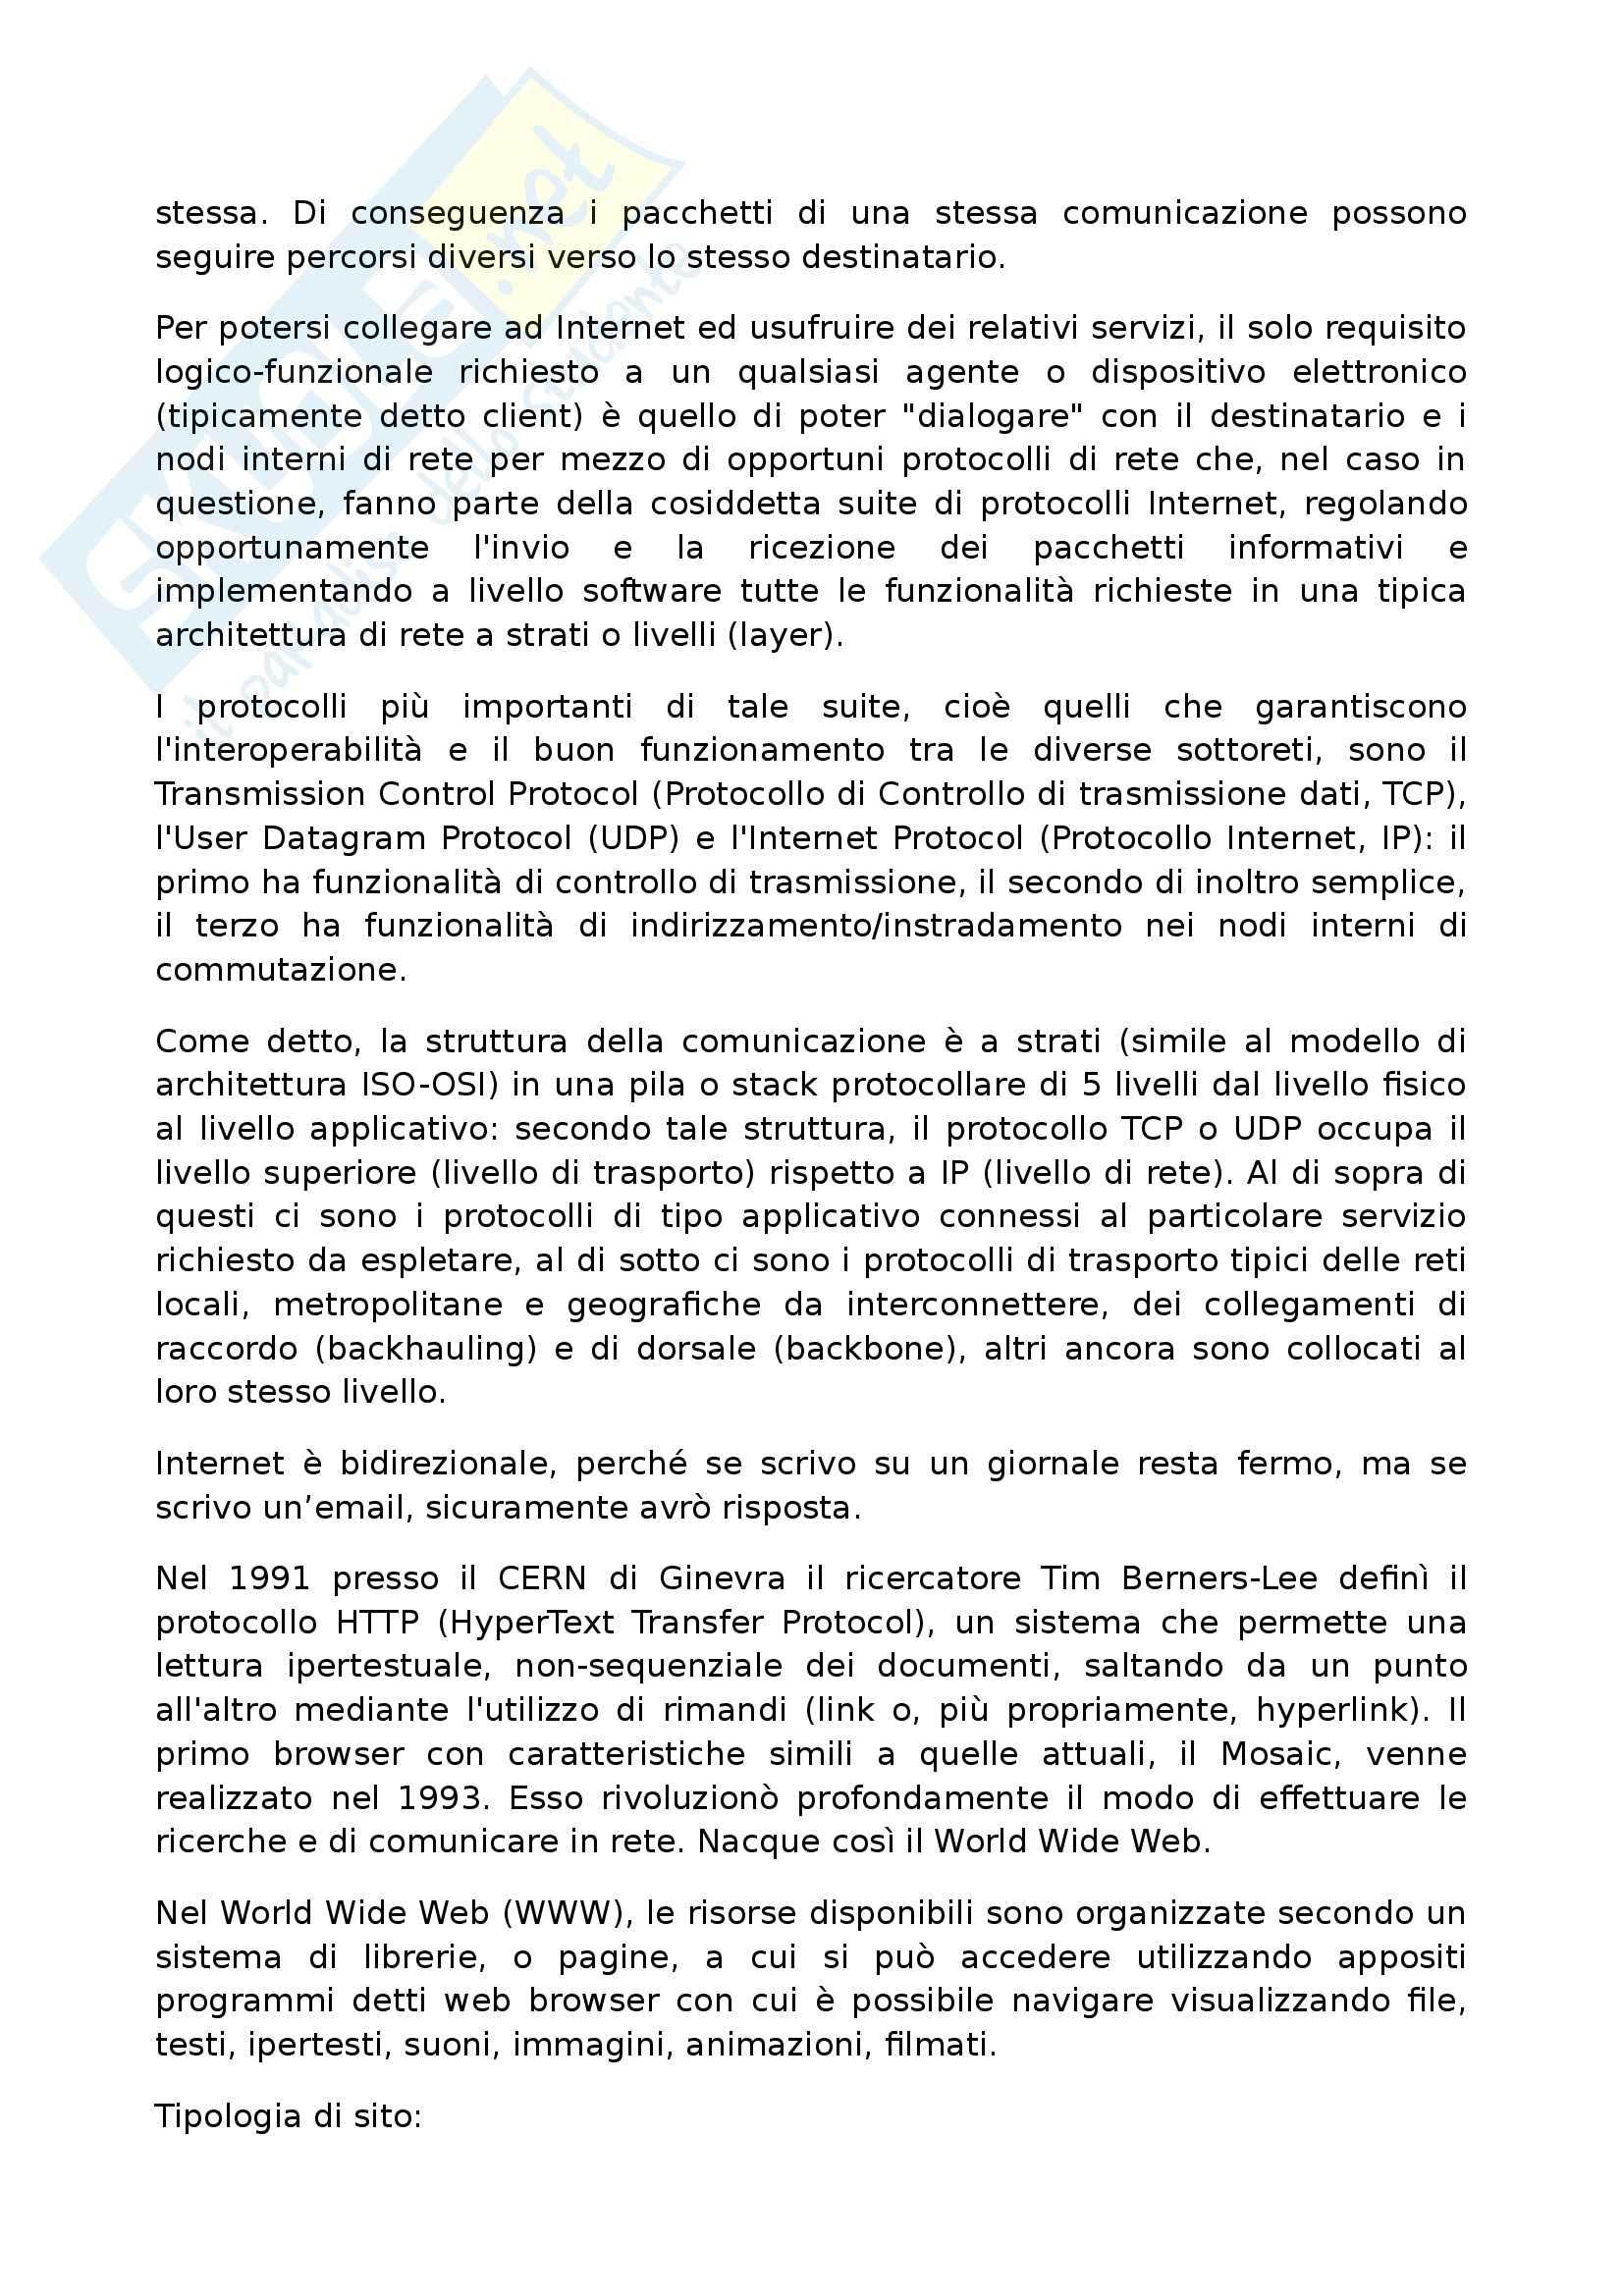 Riassunto esame Ufficio Stampa ed Eventi, prof. Peruzzi, libro consigliato La Guida del Sole 24 Ore all'Ufficio Stampa, Veneziani Pag. 16